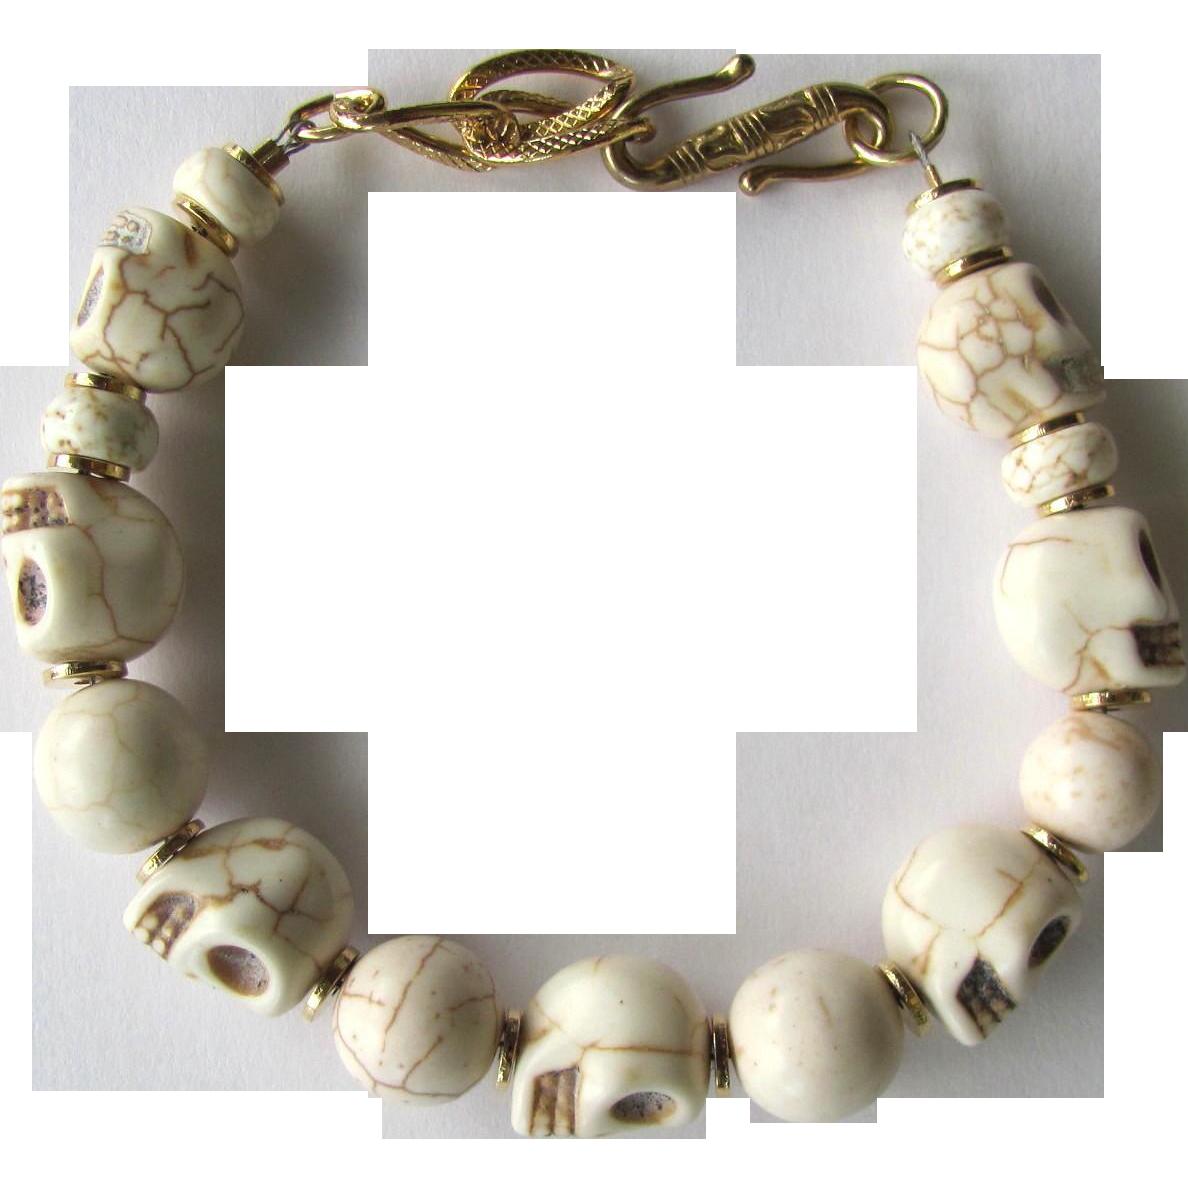 Men's Skull Bracelet of Bone-Colored Howlite Skulls and Magnesite Beads - Size Large